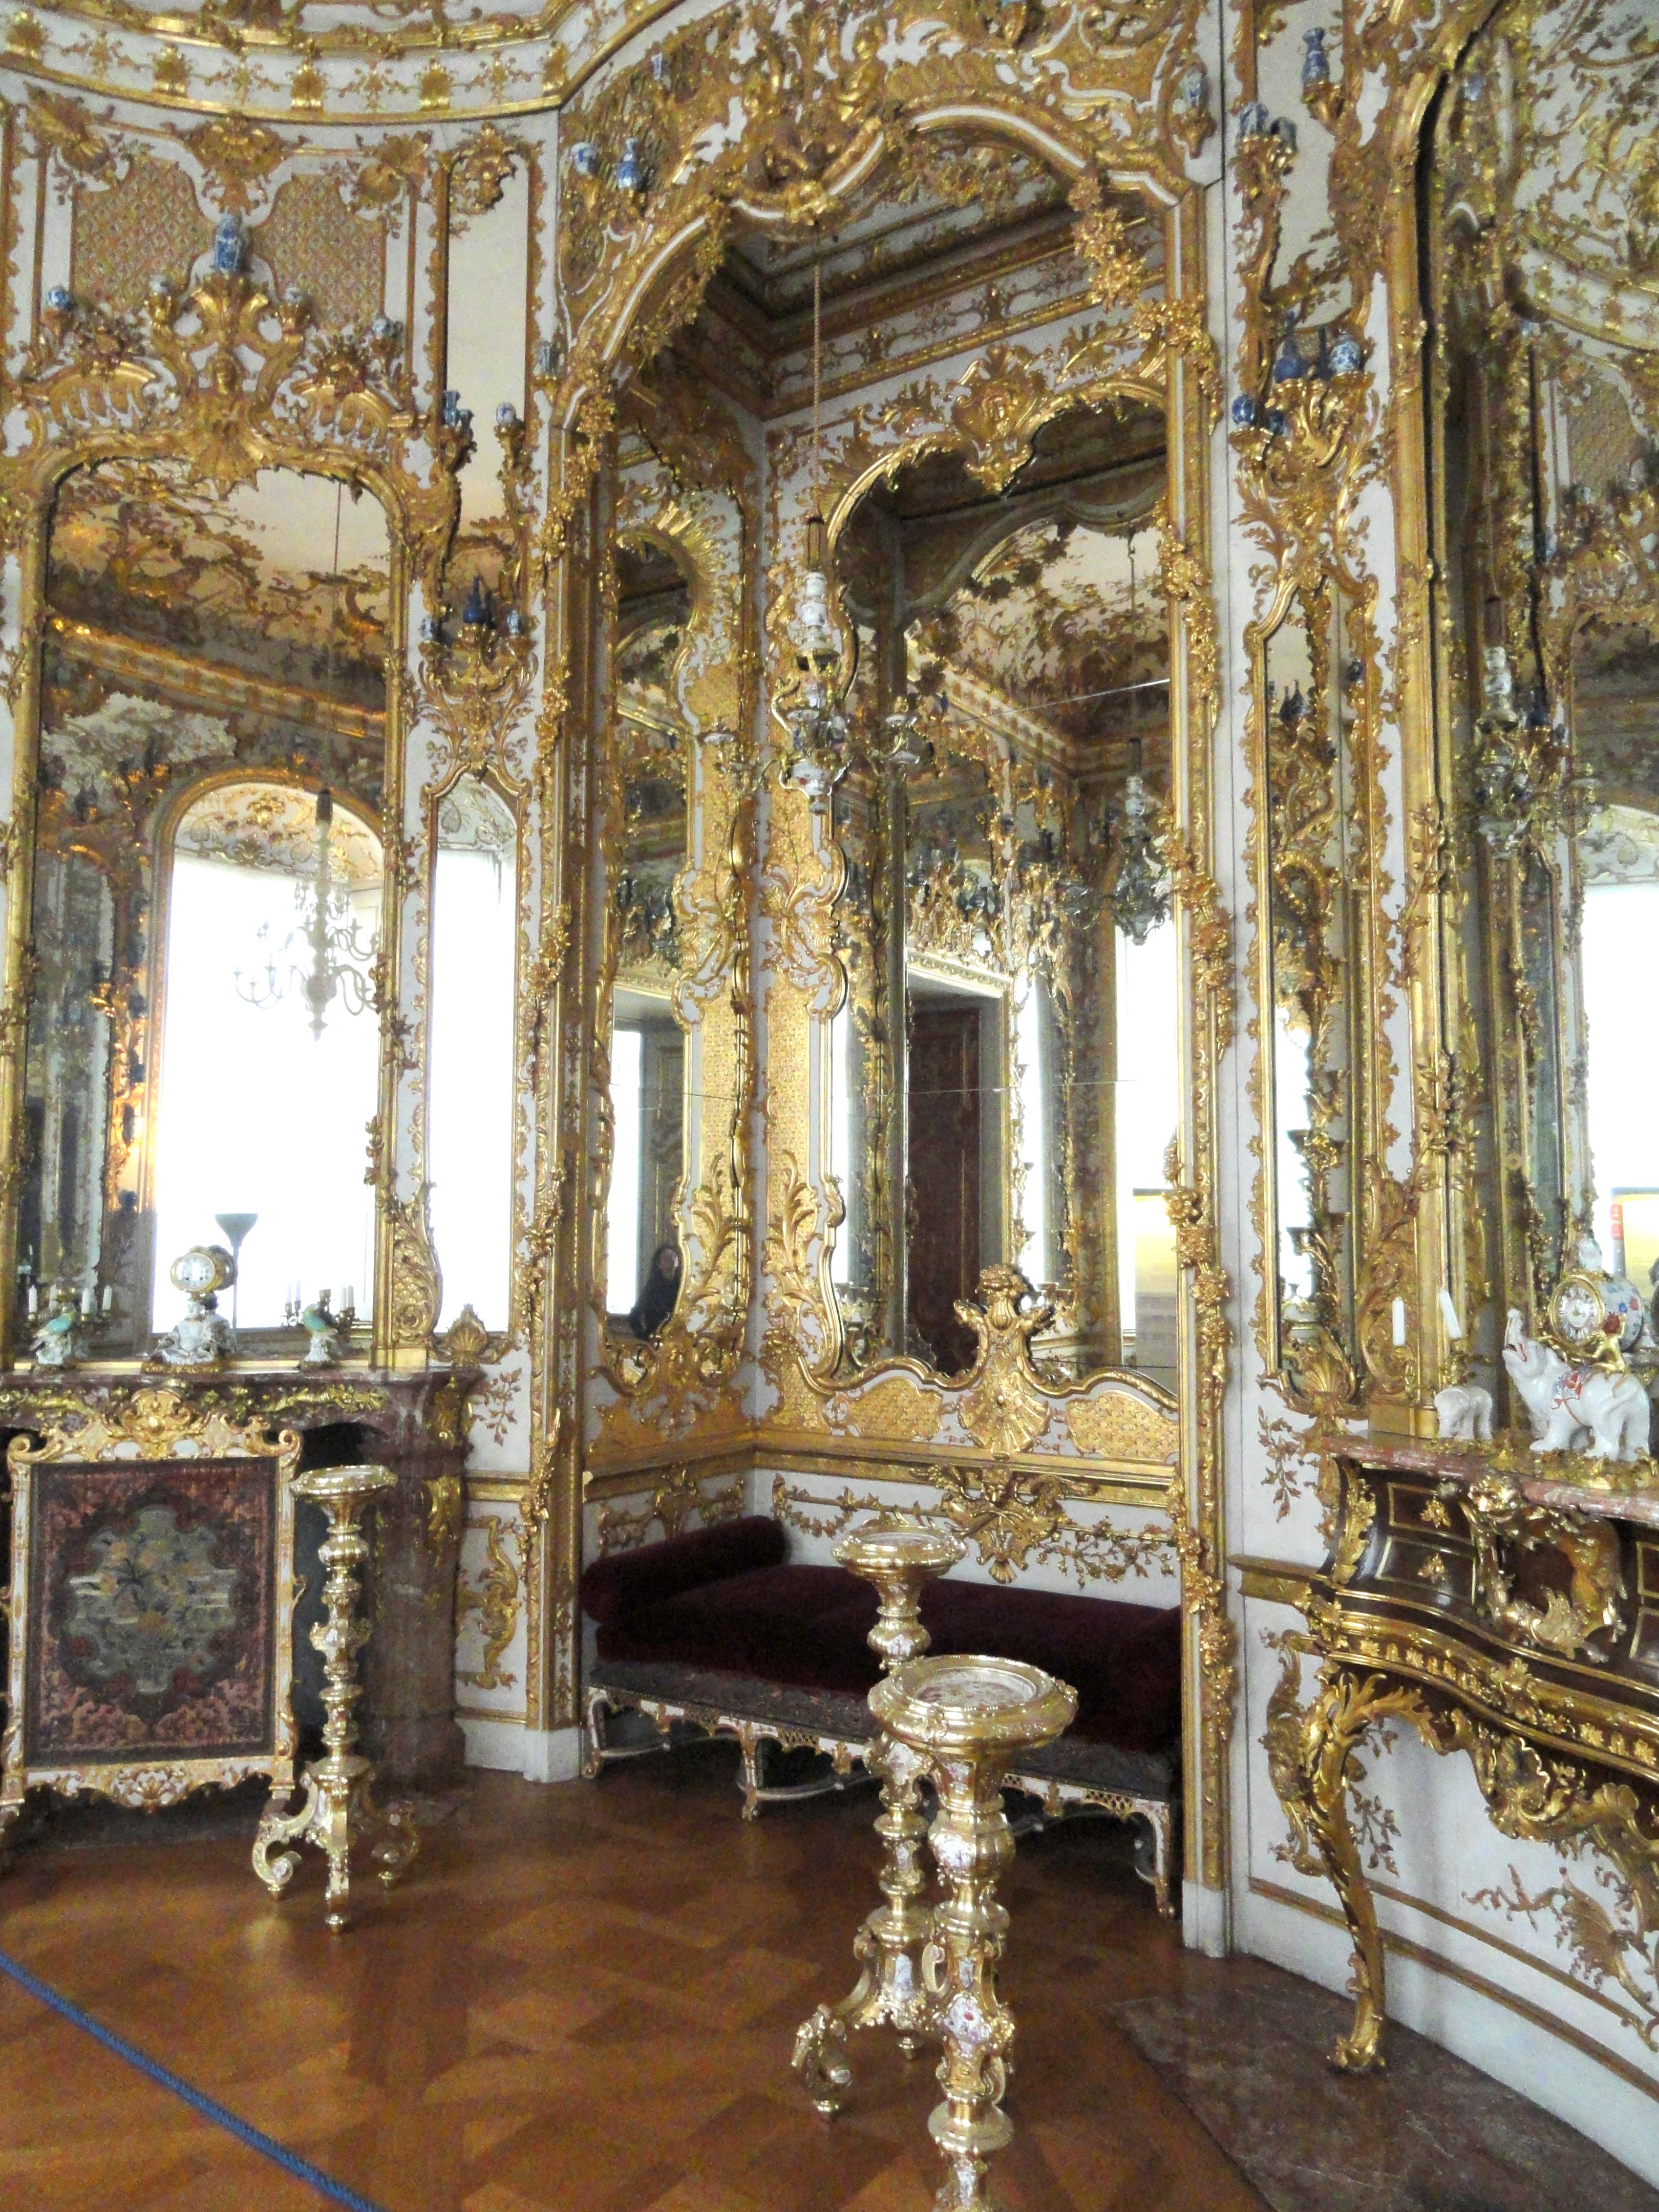 File Mirror Room   M nchner Residenz   DSC07495 JPG. File Mirror Room   M nchner Residenz   DSC07495 JPG   Wikimedia